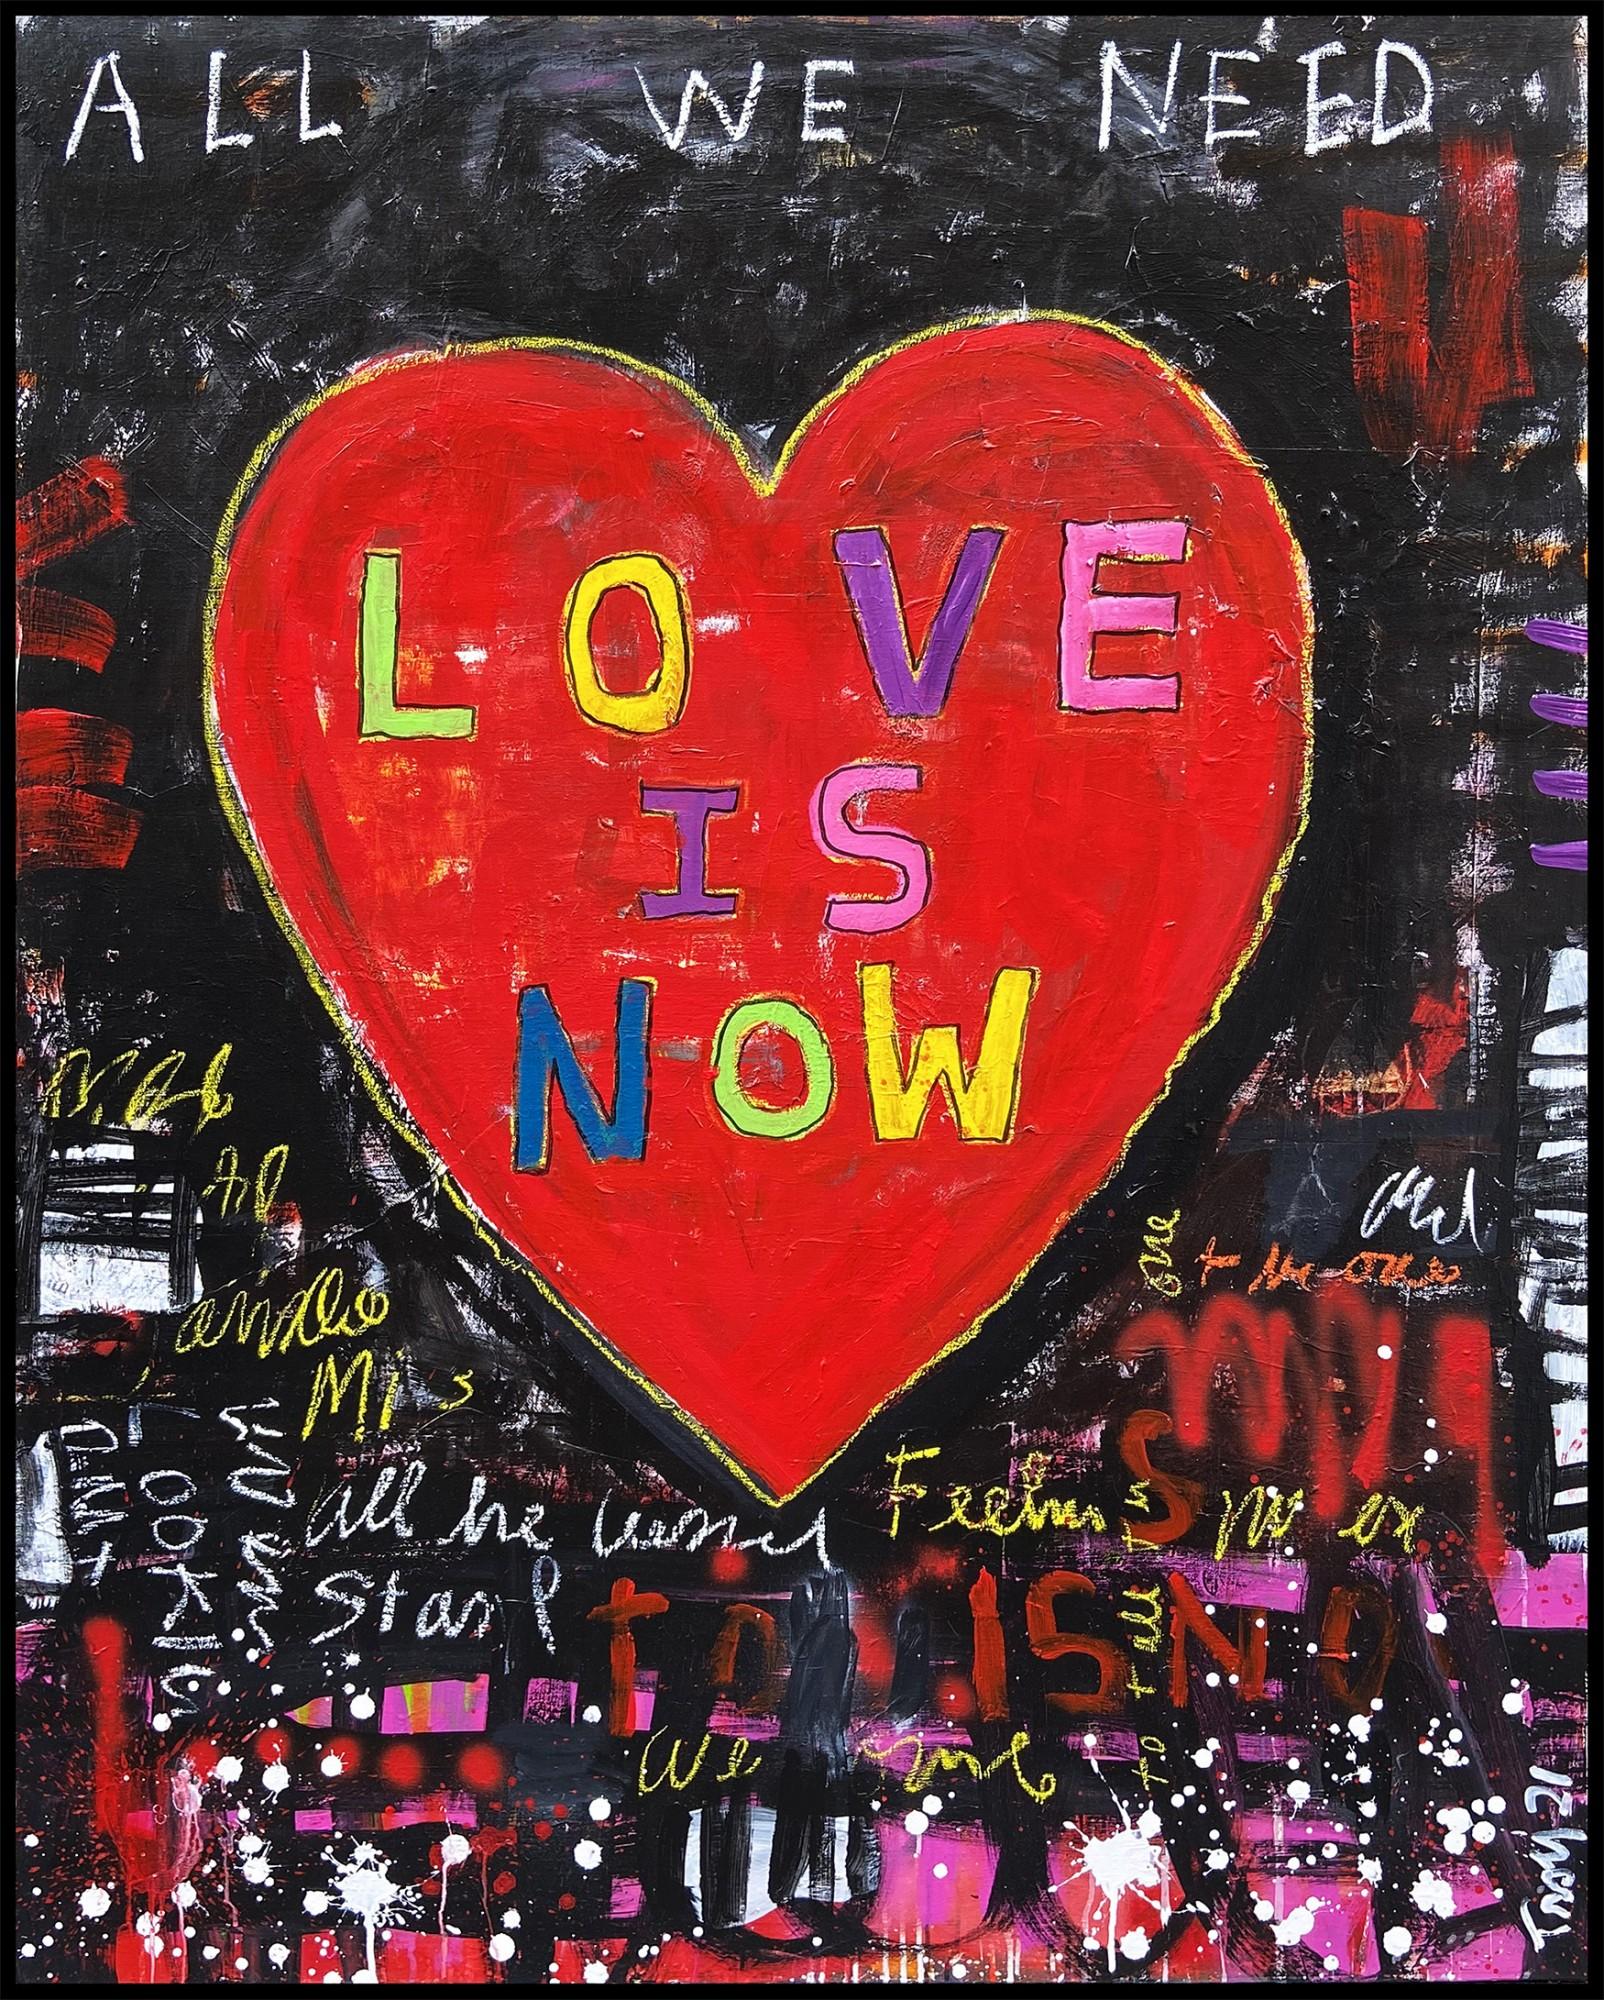 Troy Henriksen - Heart Love is now